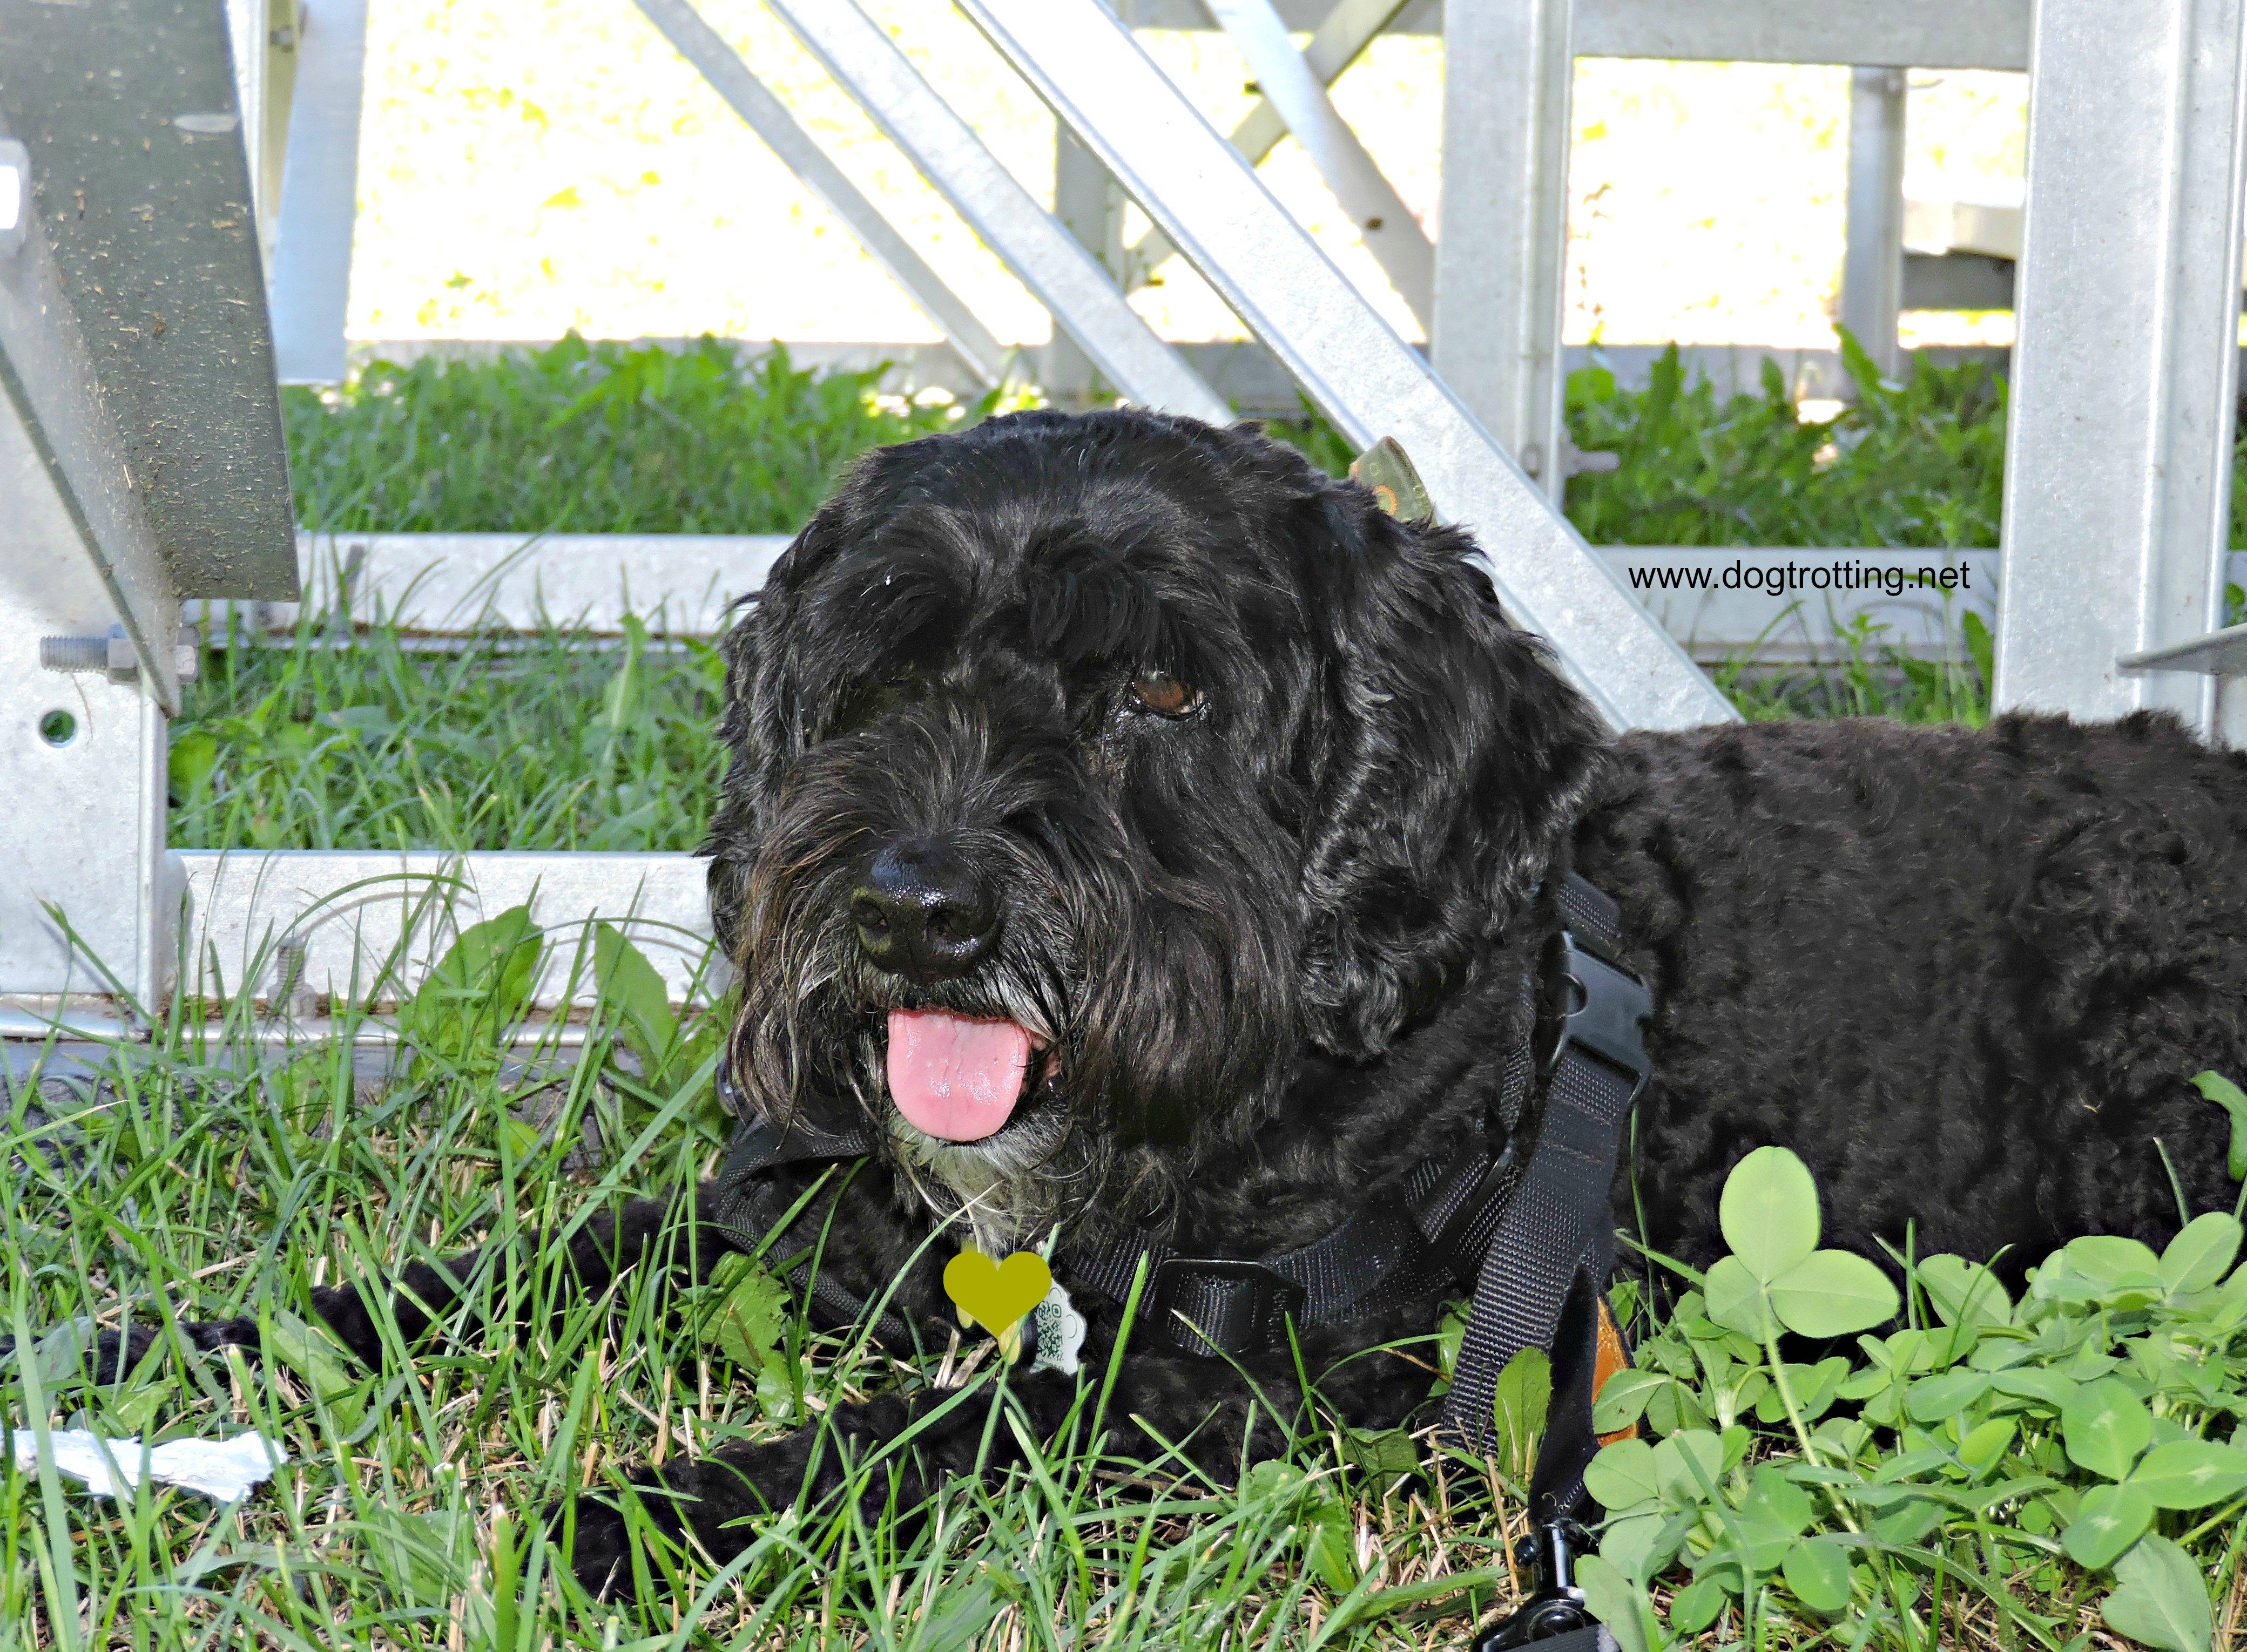 cute black dog at National Sheep Dog Trials, Kingston, Ontario